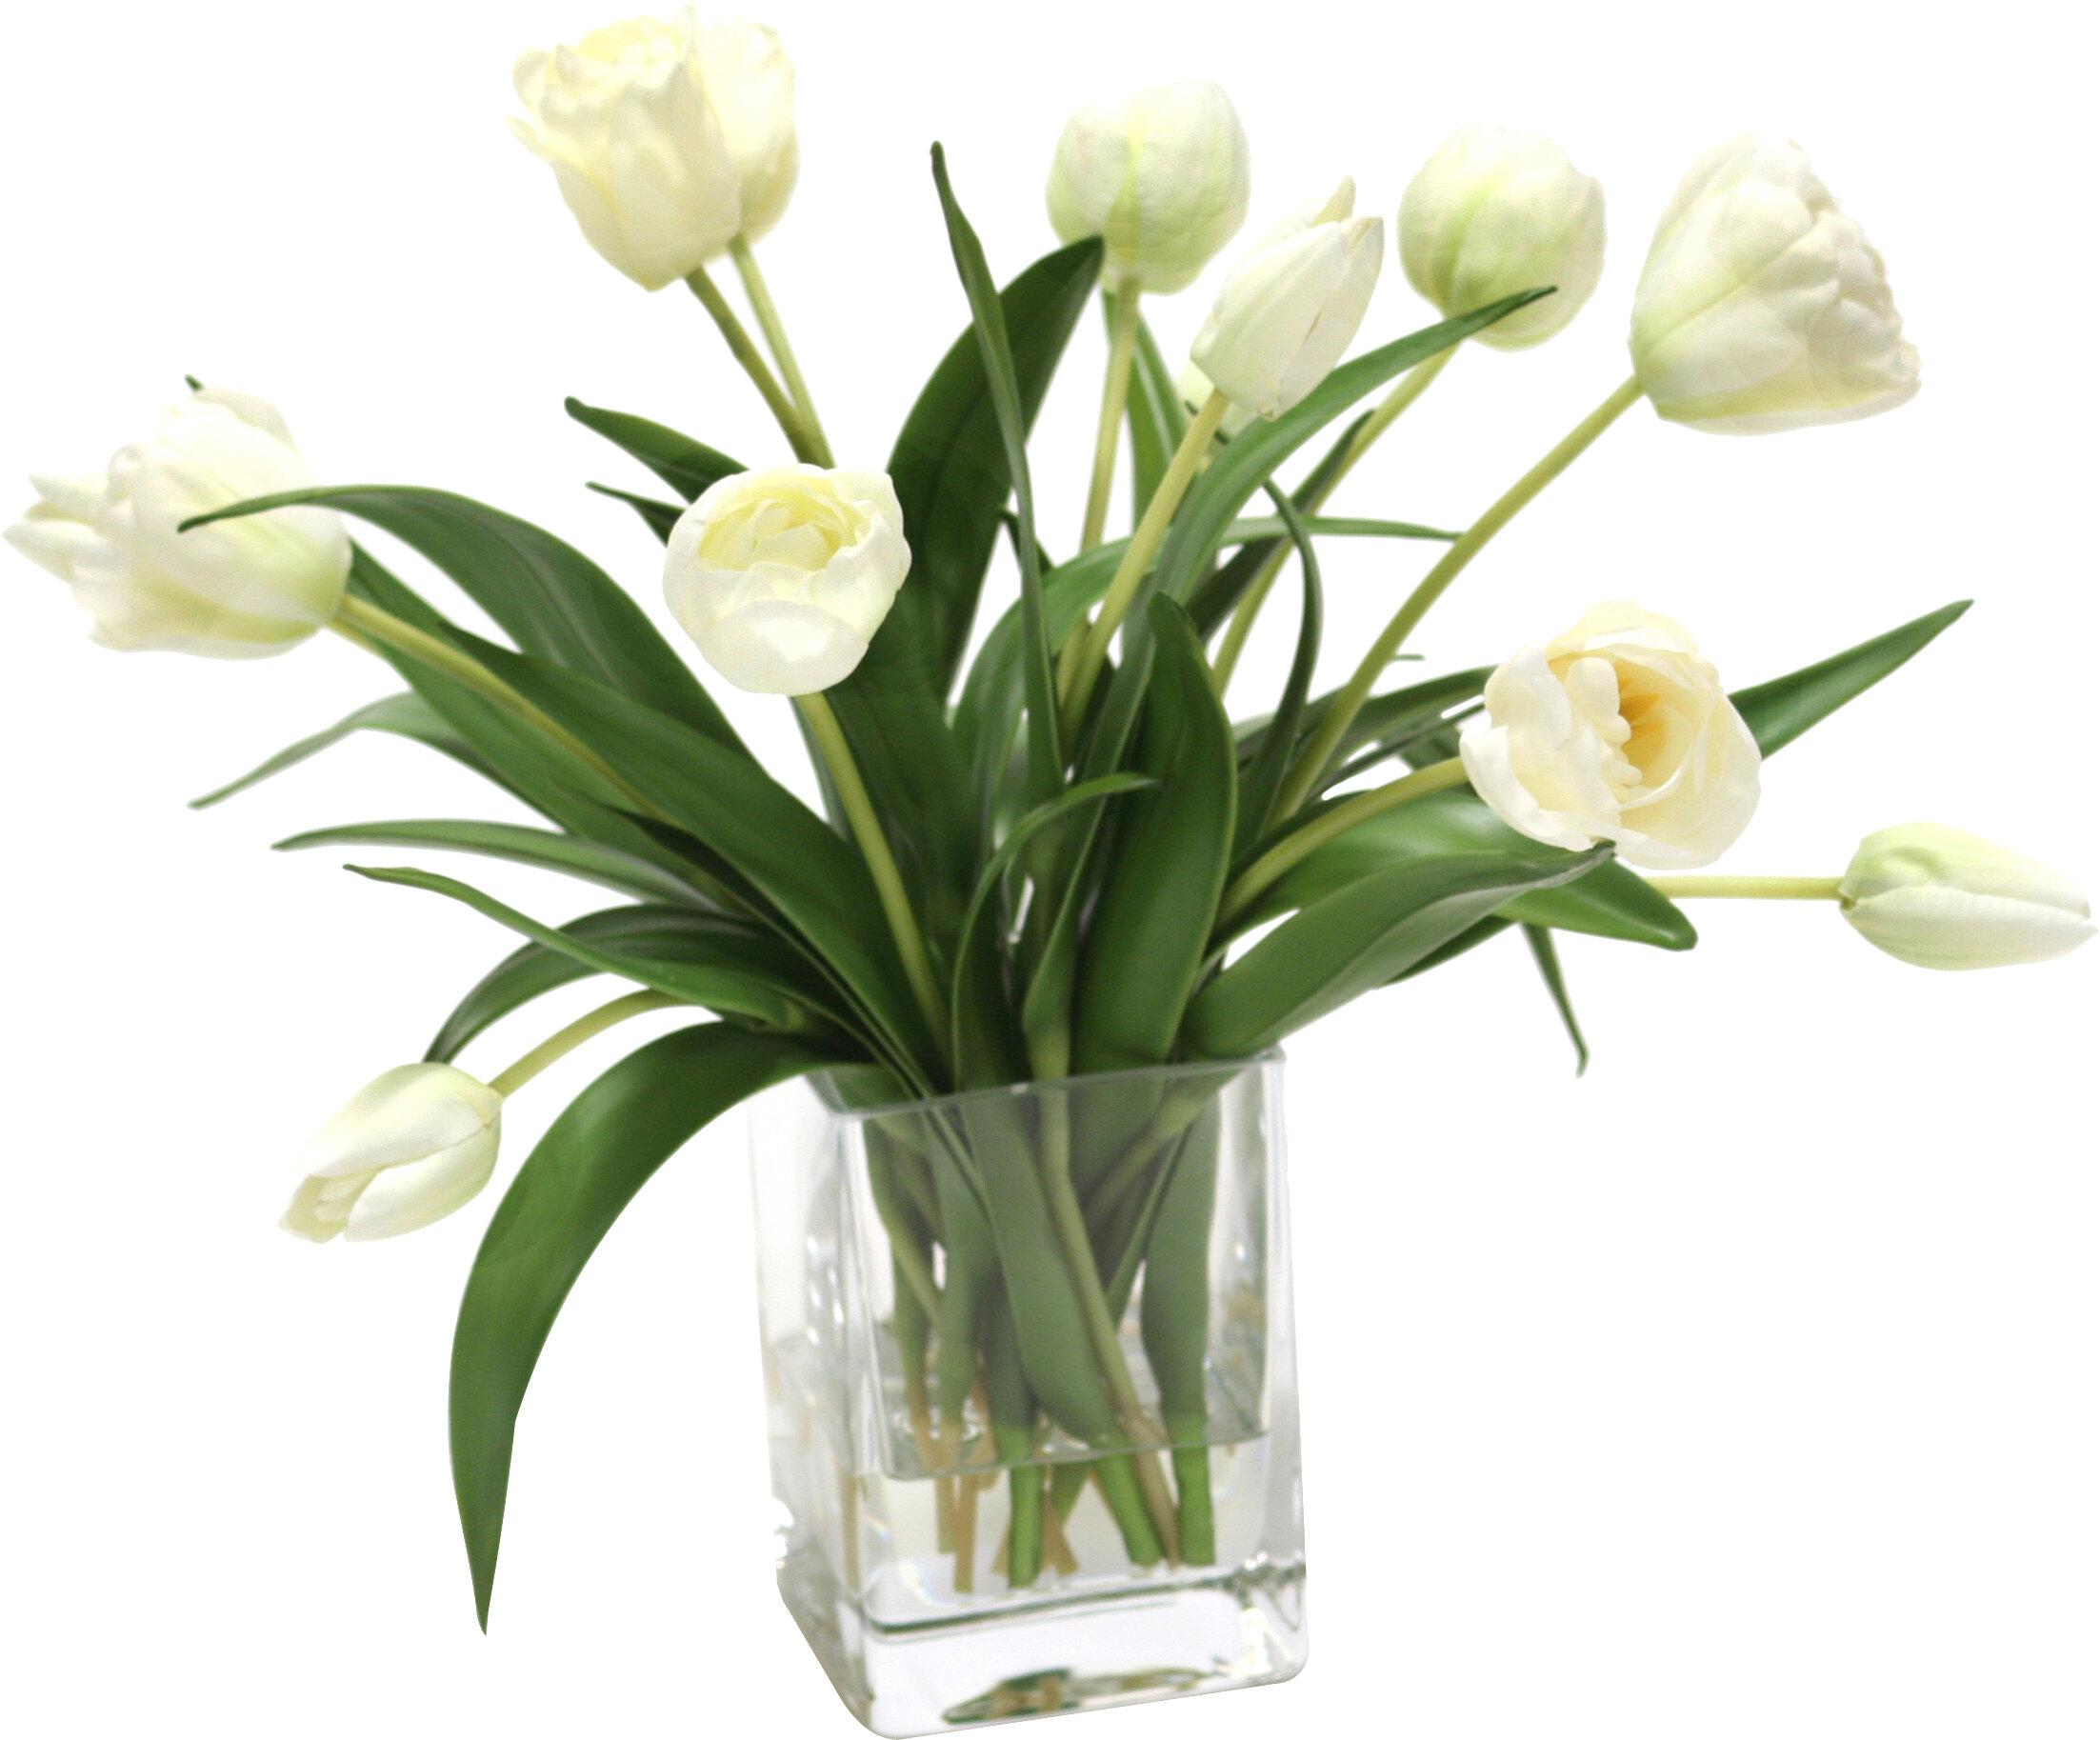 204 & Elegant Tulips Floral Arrangements in Glass Vase